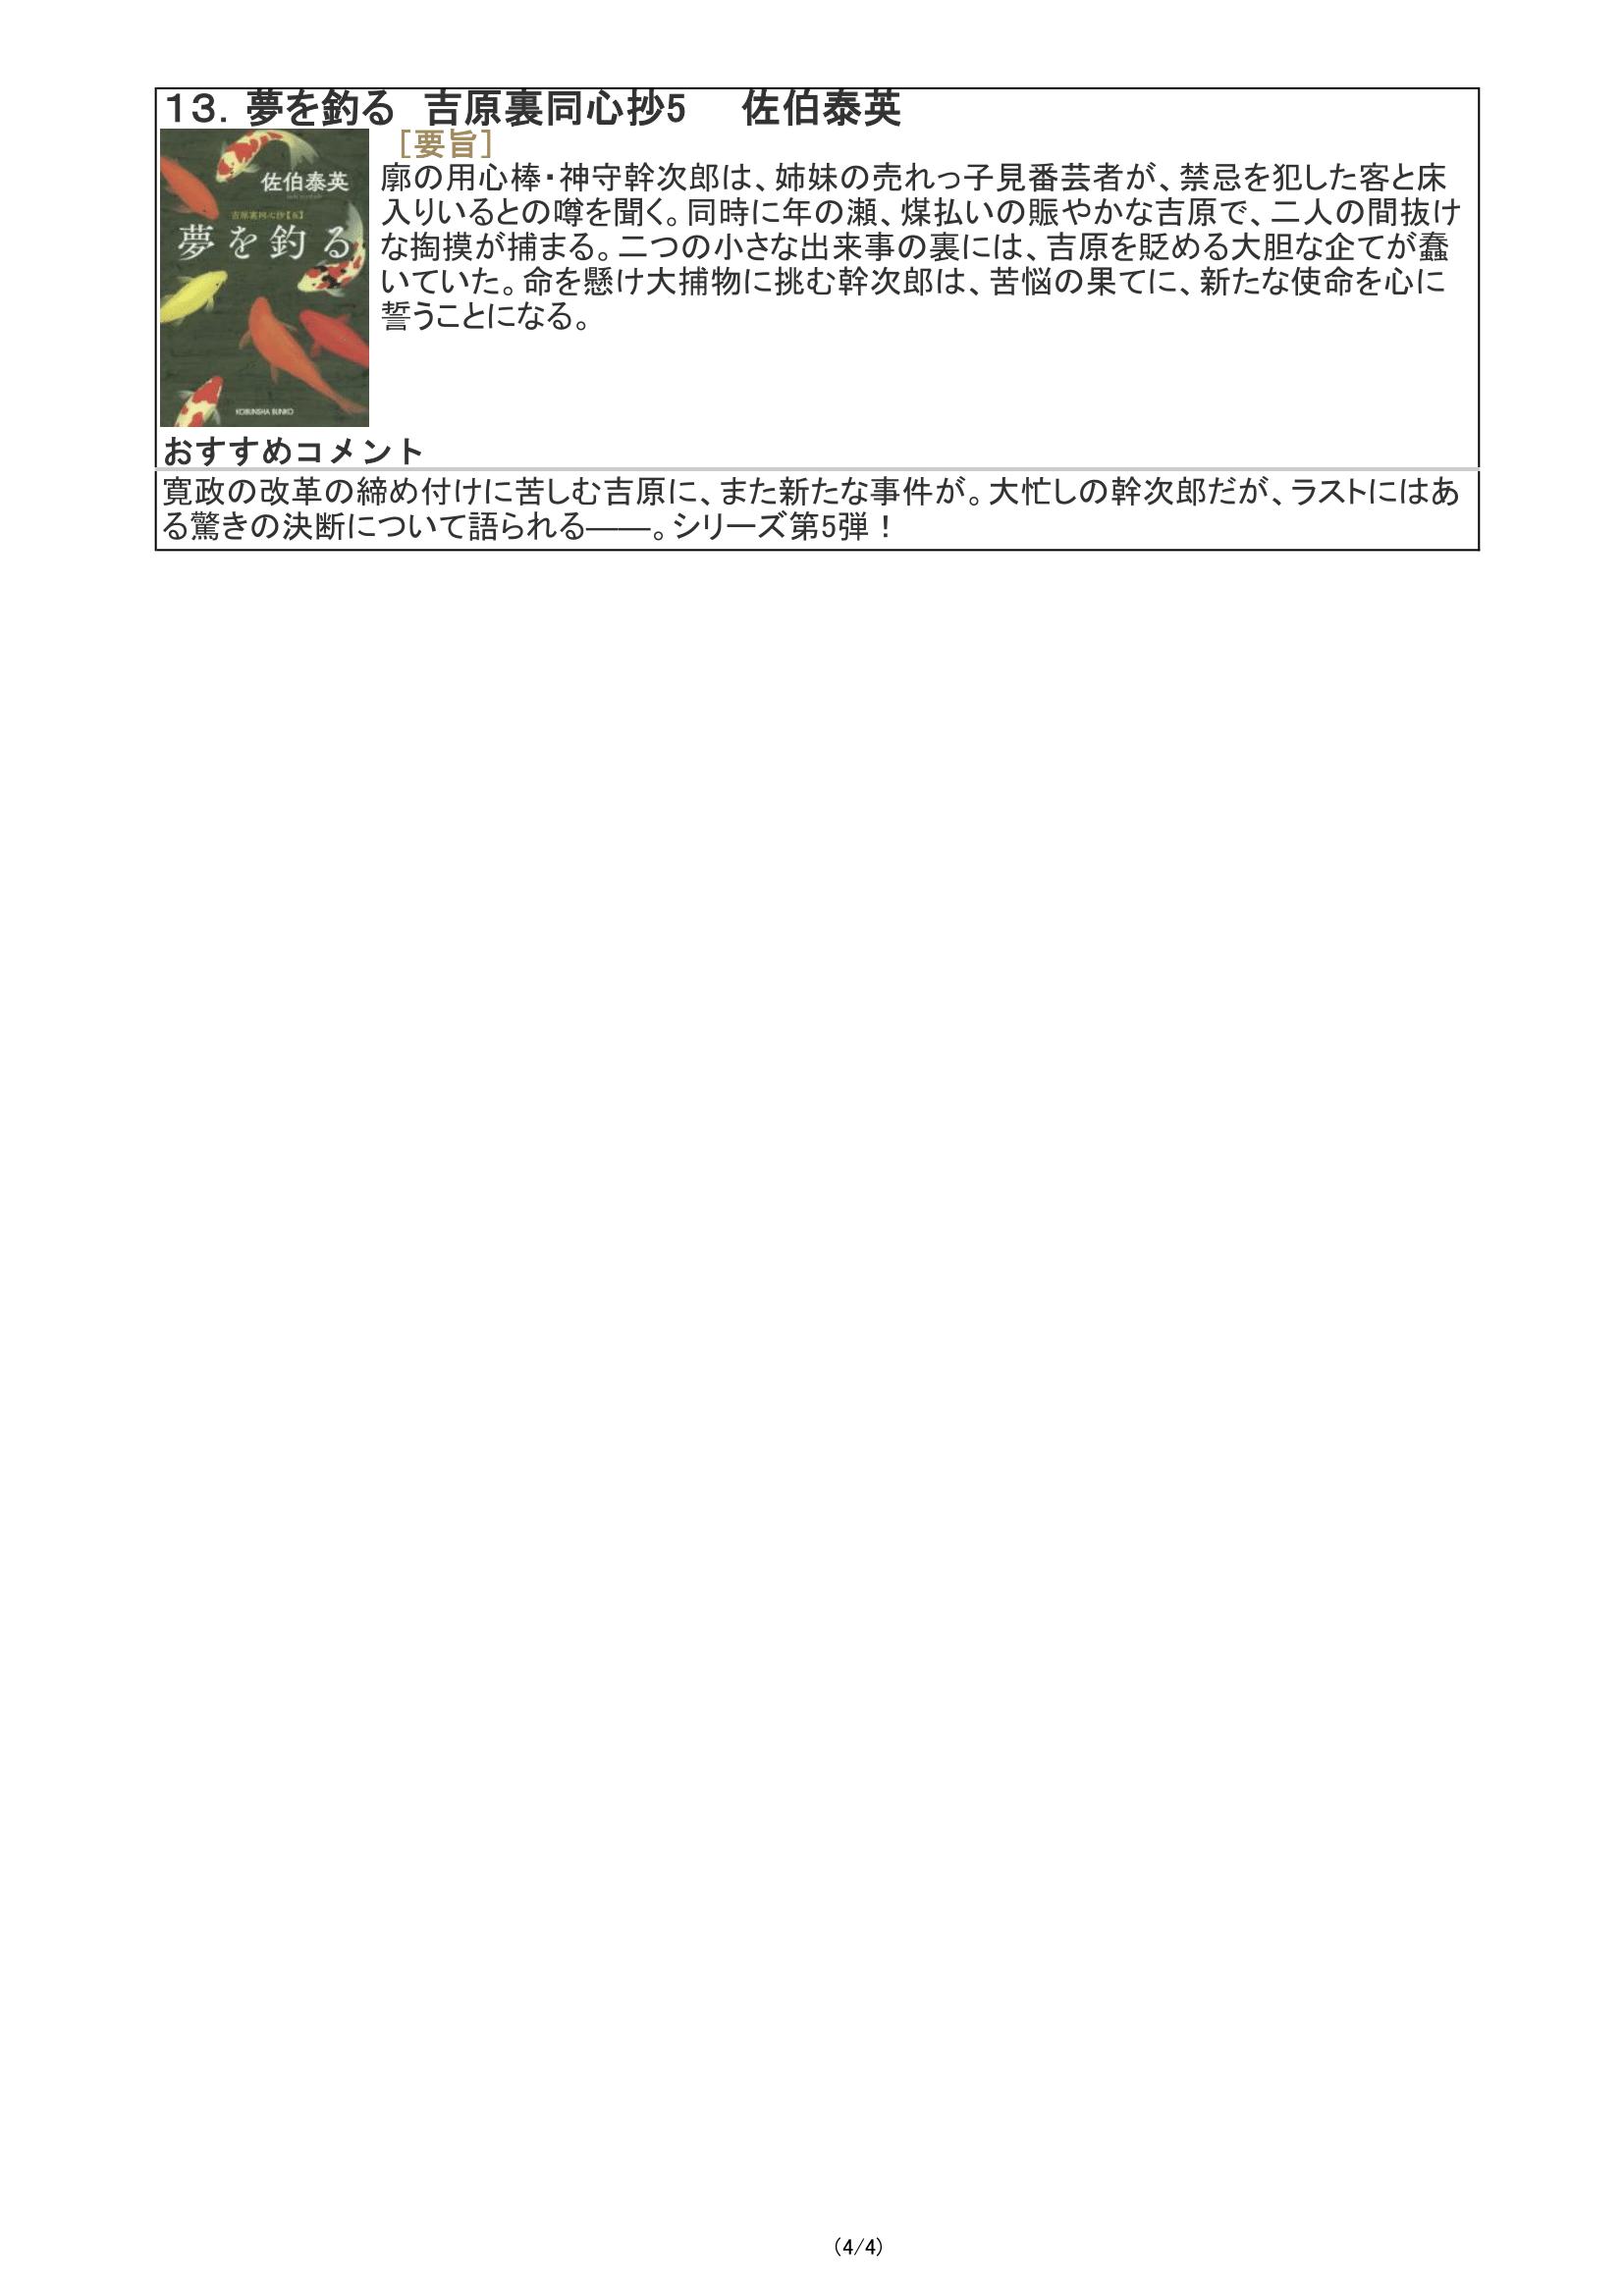 配架本紹介2019年3月分-4